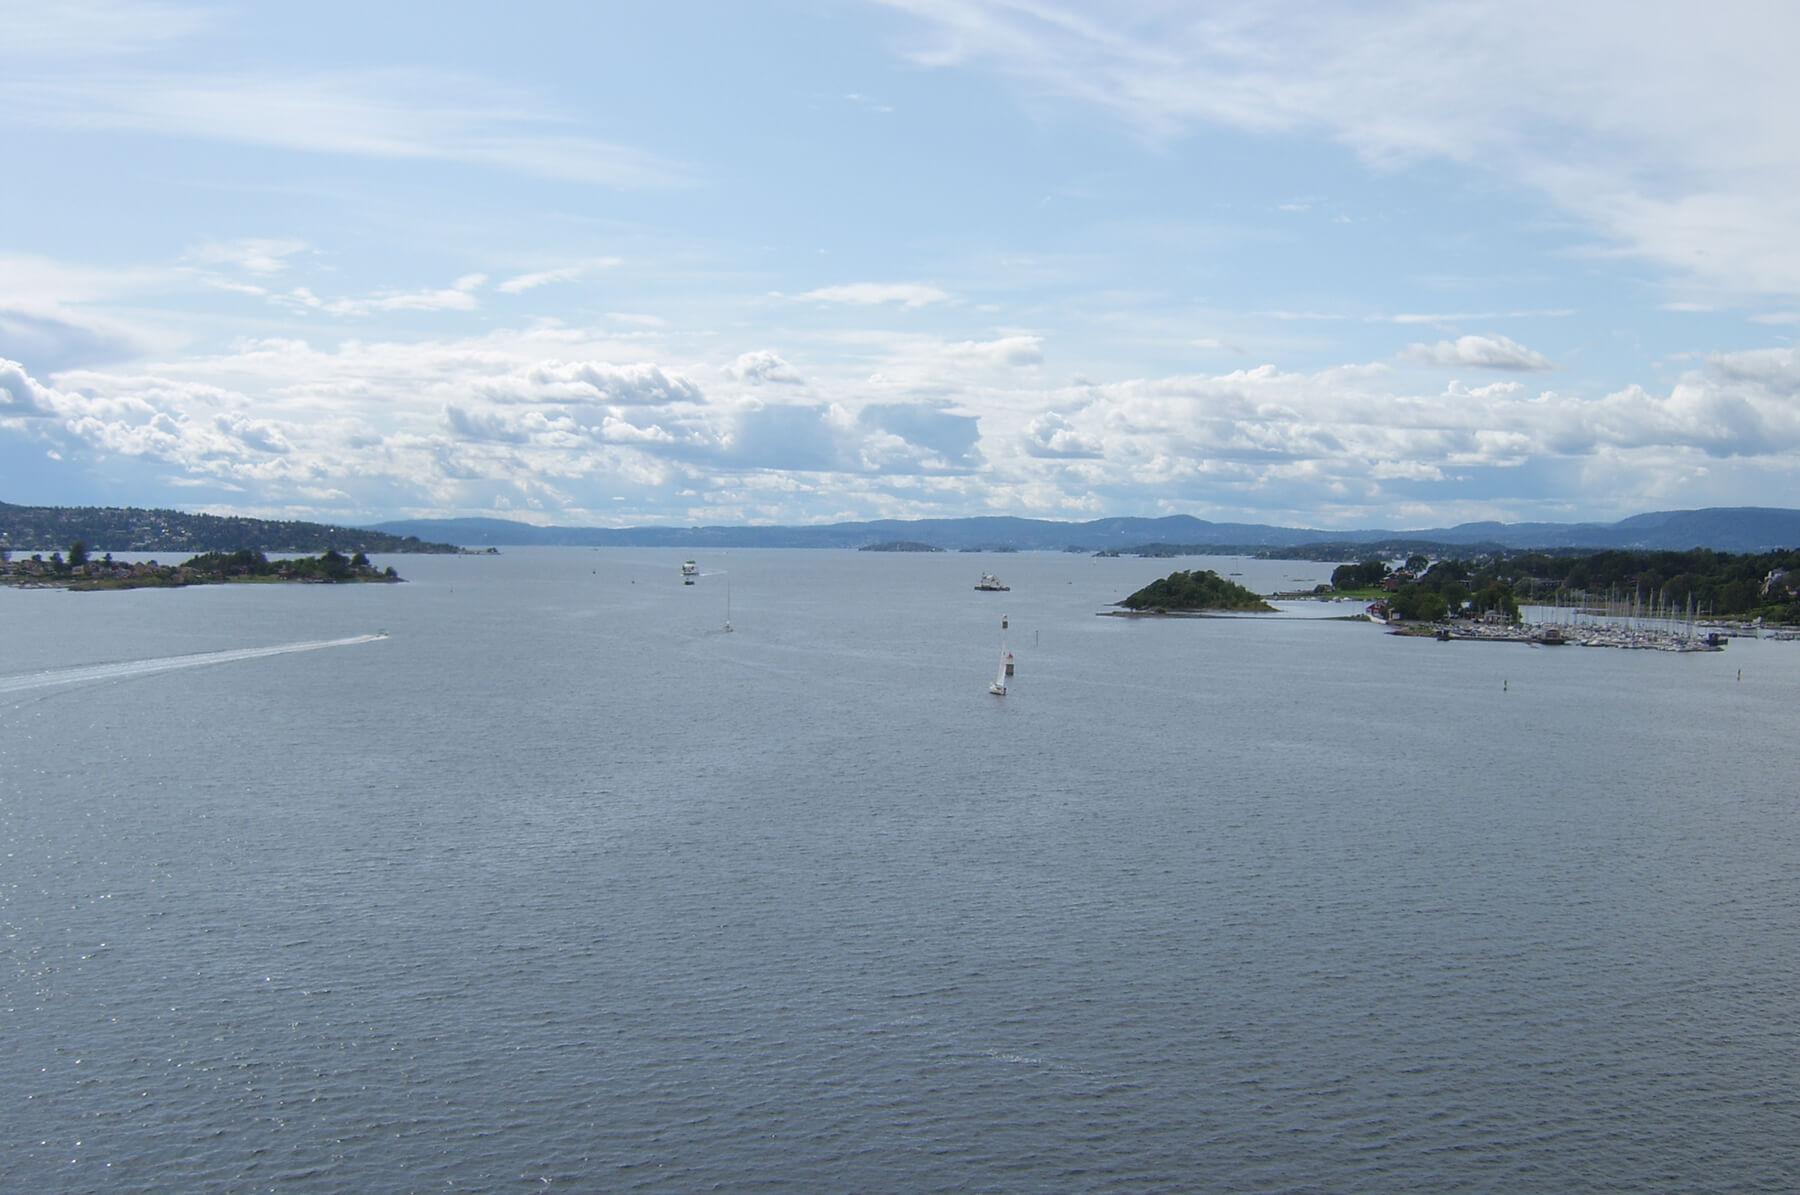 Осло-фьорд - это залив